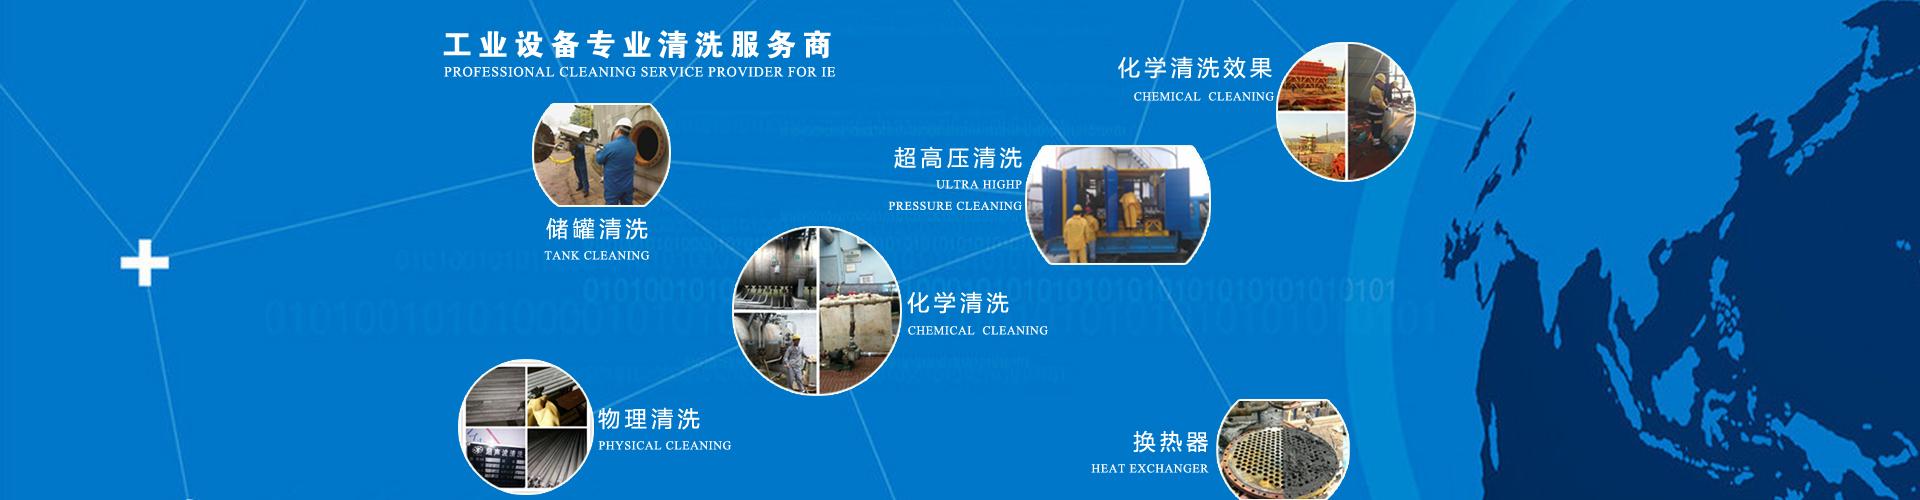 重庆储油设备清洗公司